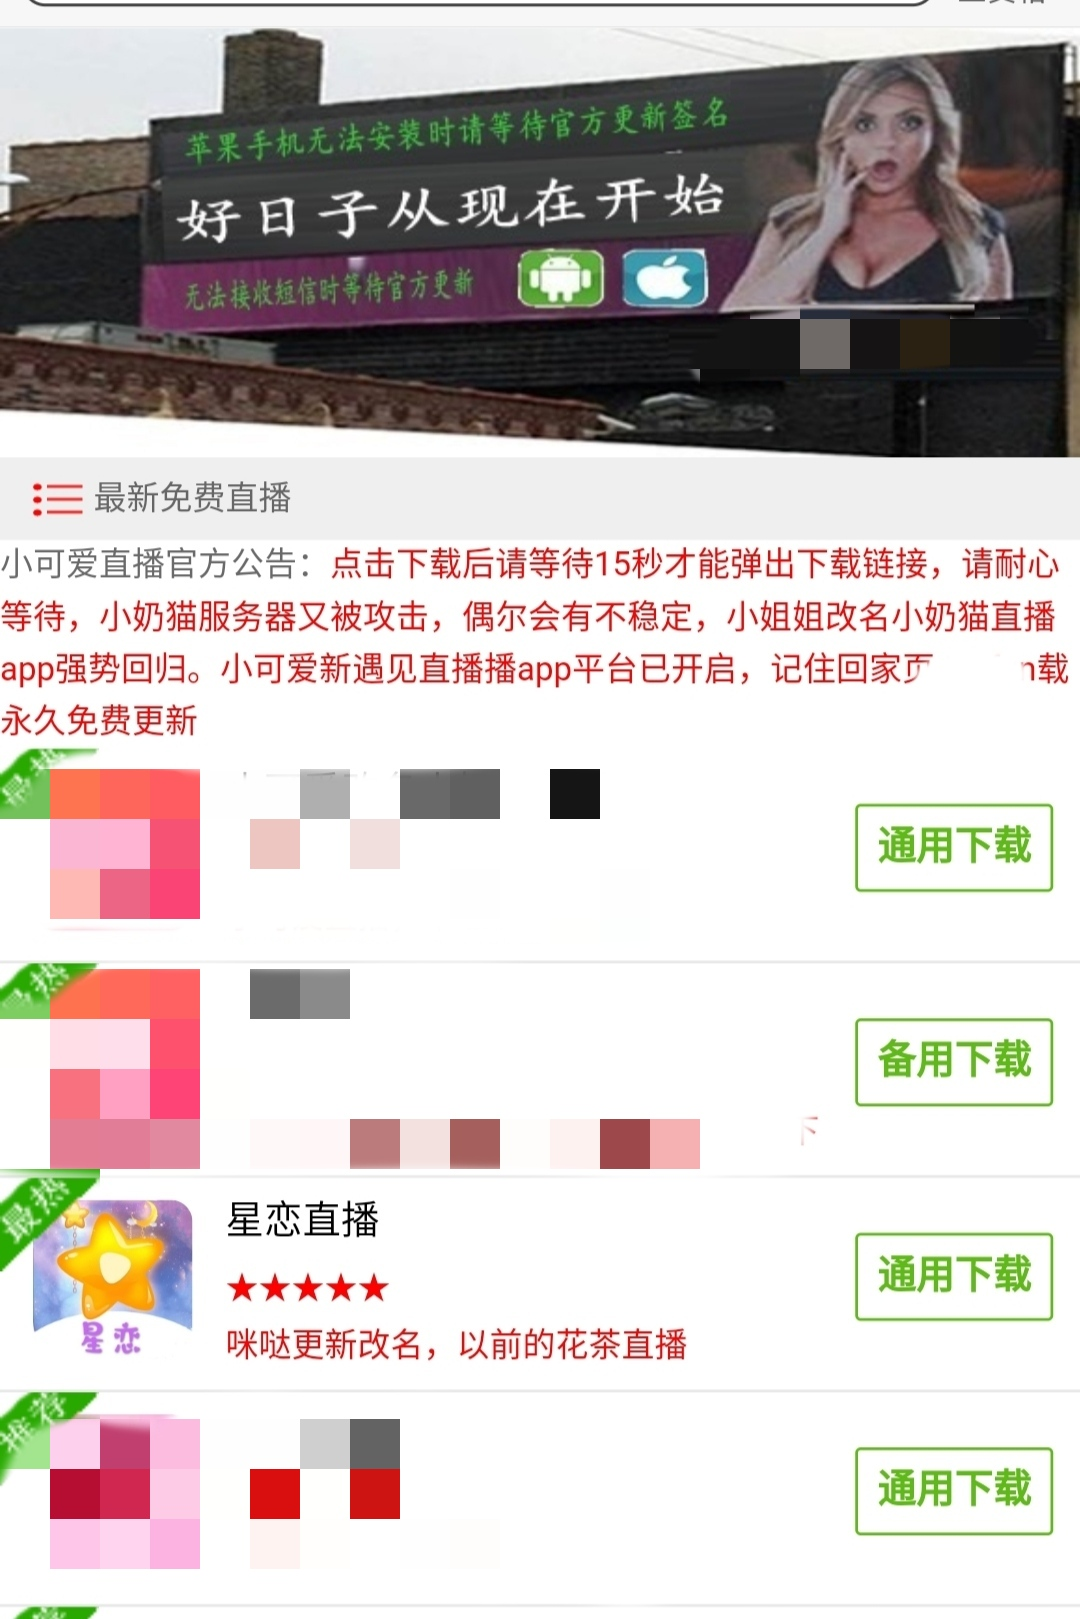 """【谷歌网络推广】_疑似直播性侵女乘客之前 """"星恋直播""""曾数次换马甲"""